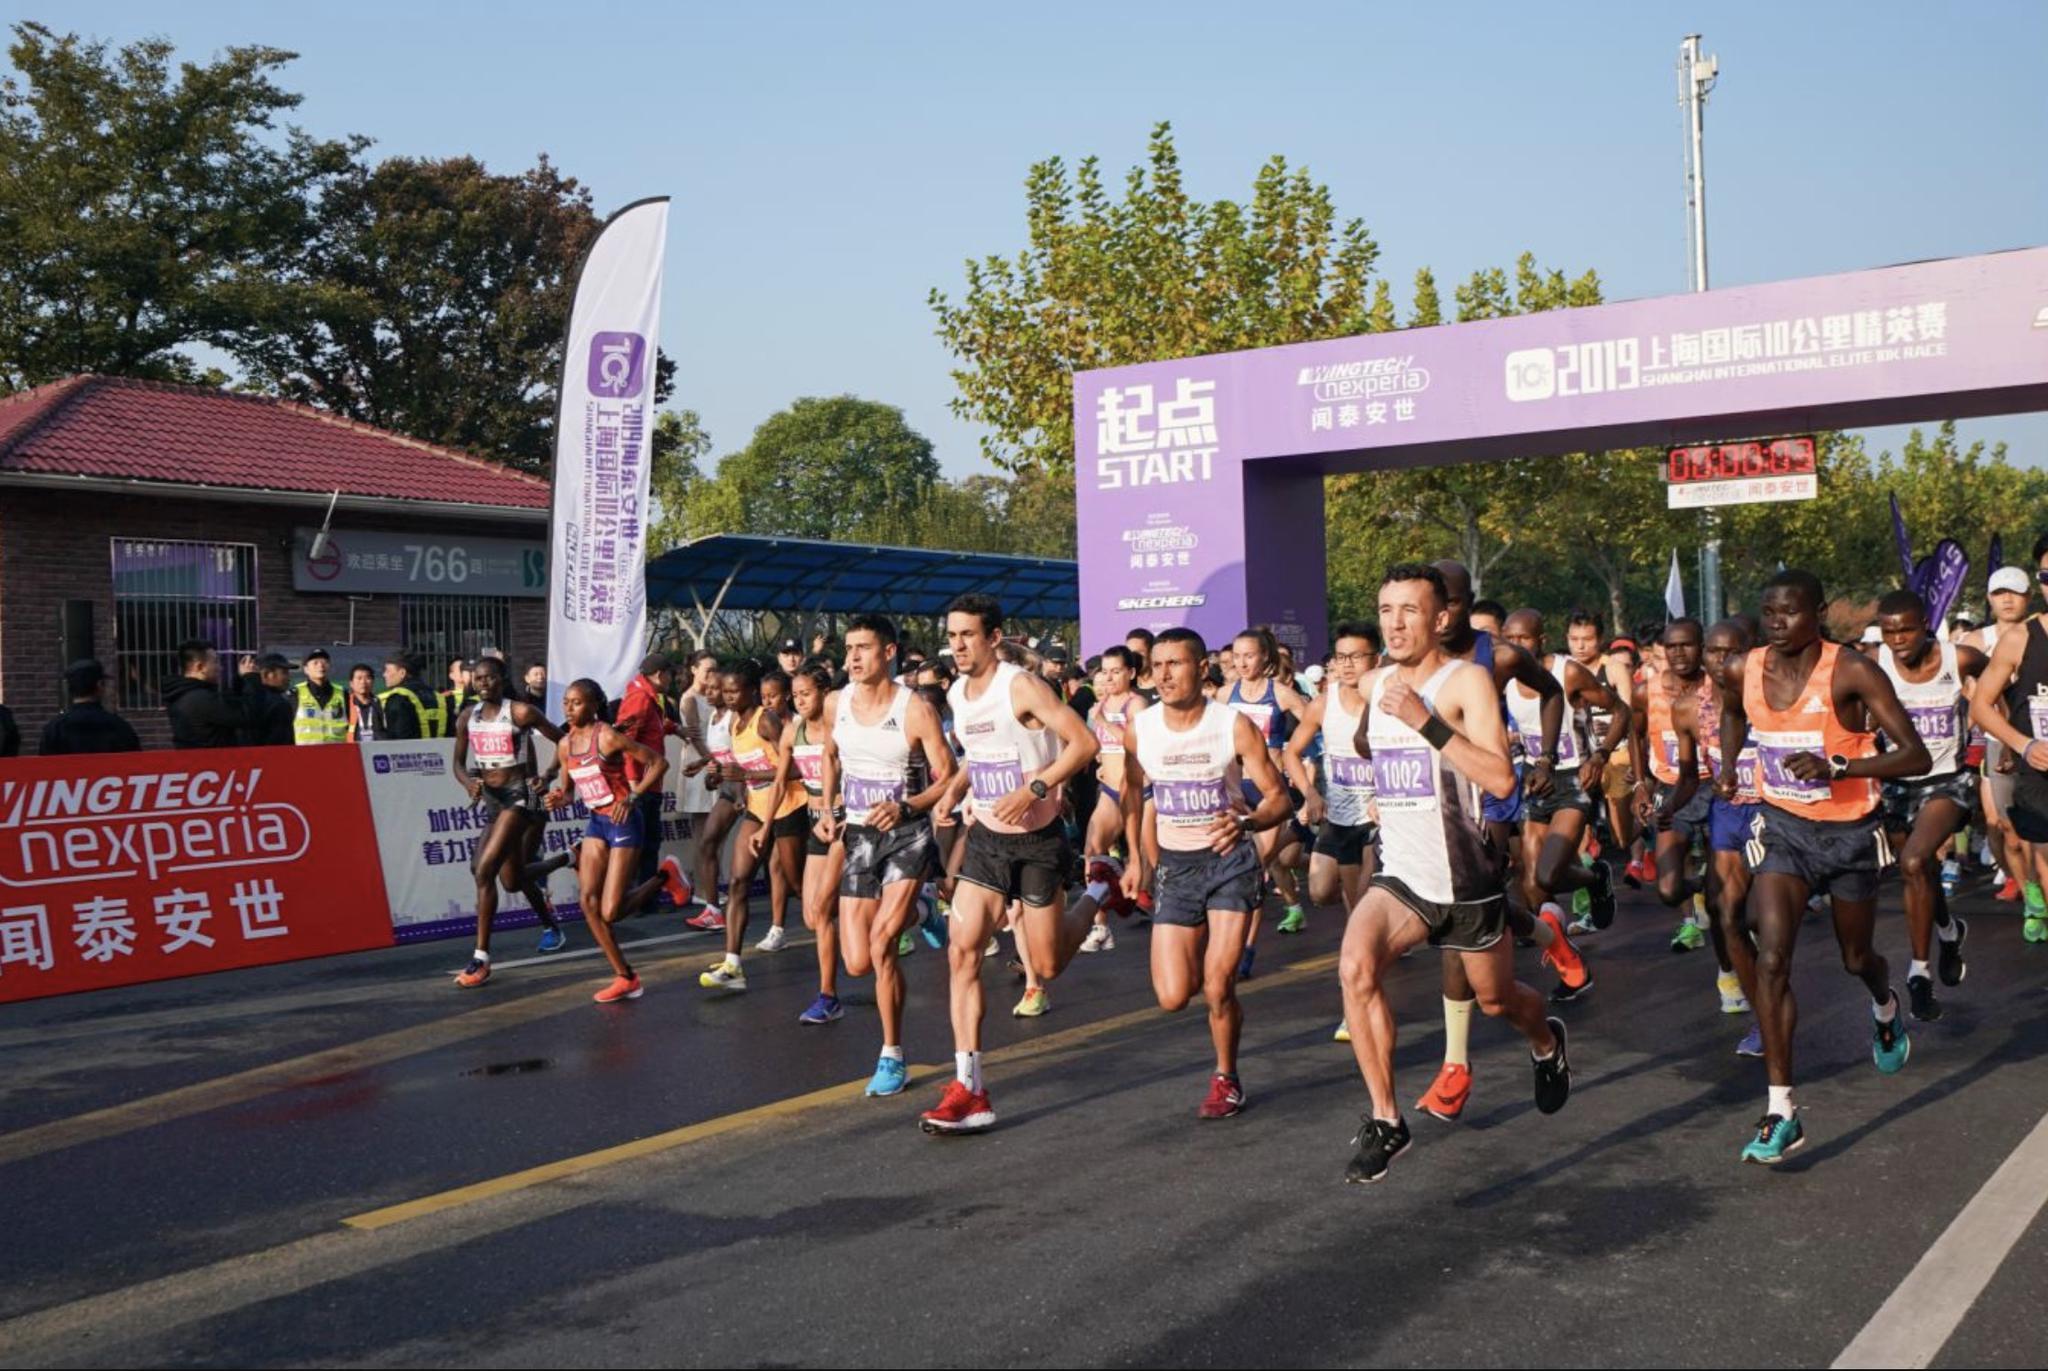 上海国际10公里精英赛落幕,男女组赛会纪录均被肯尼亚选手打破